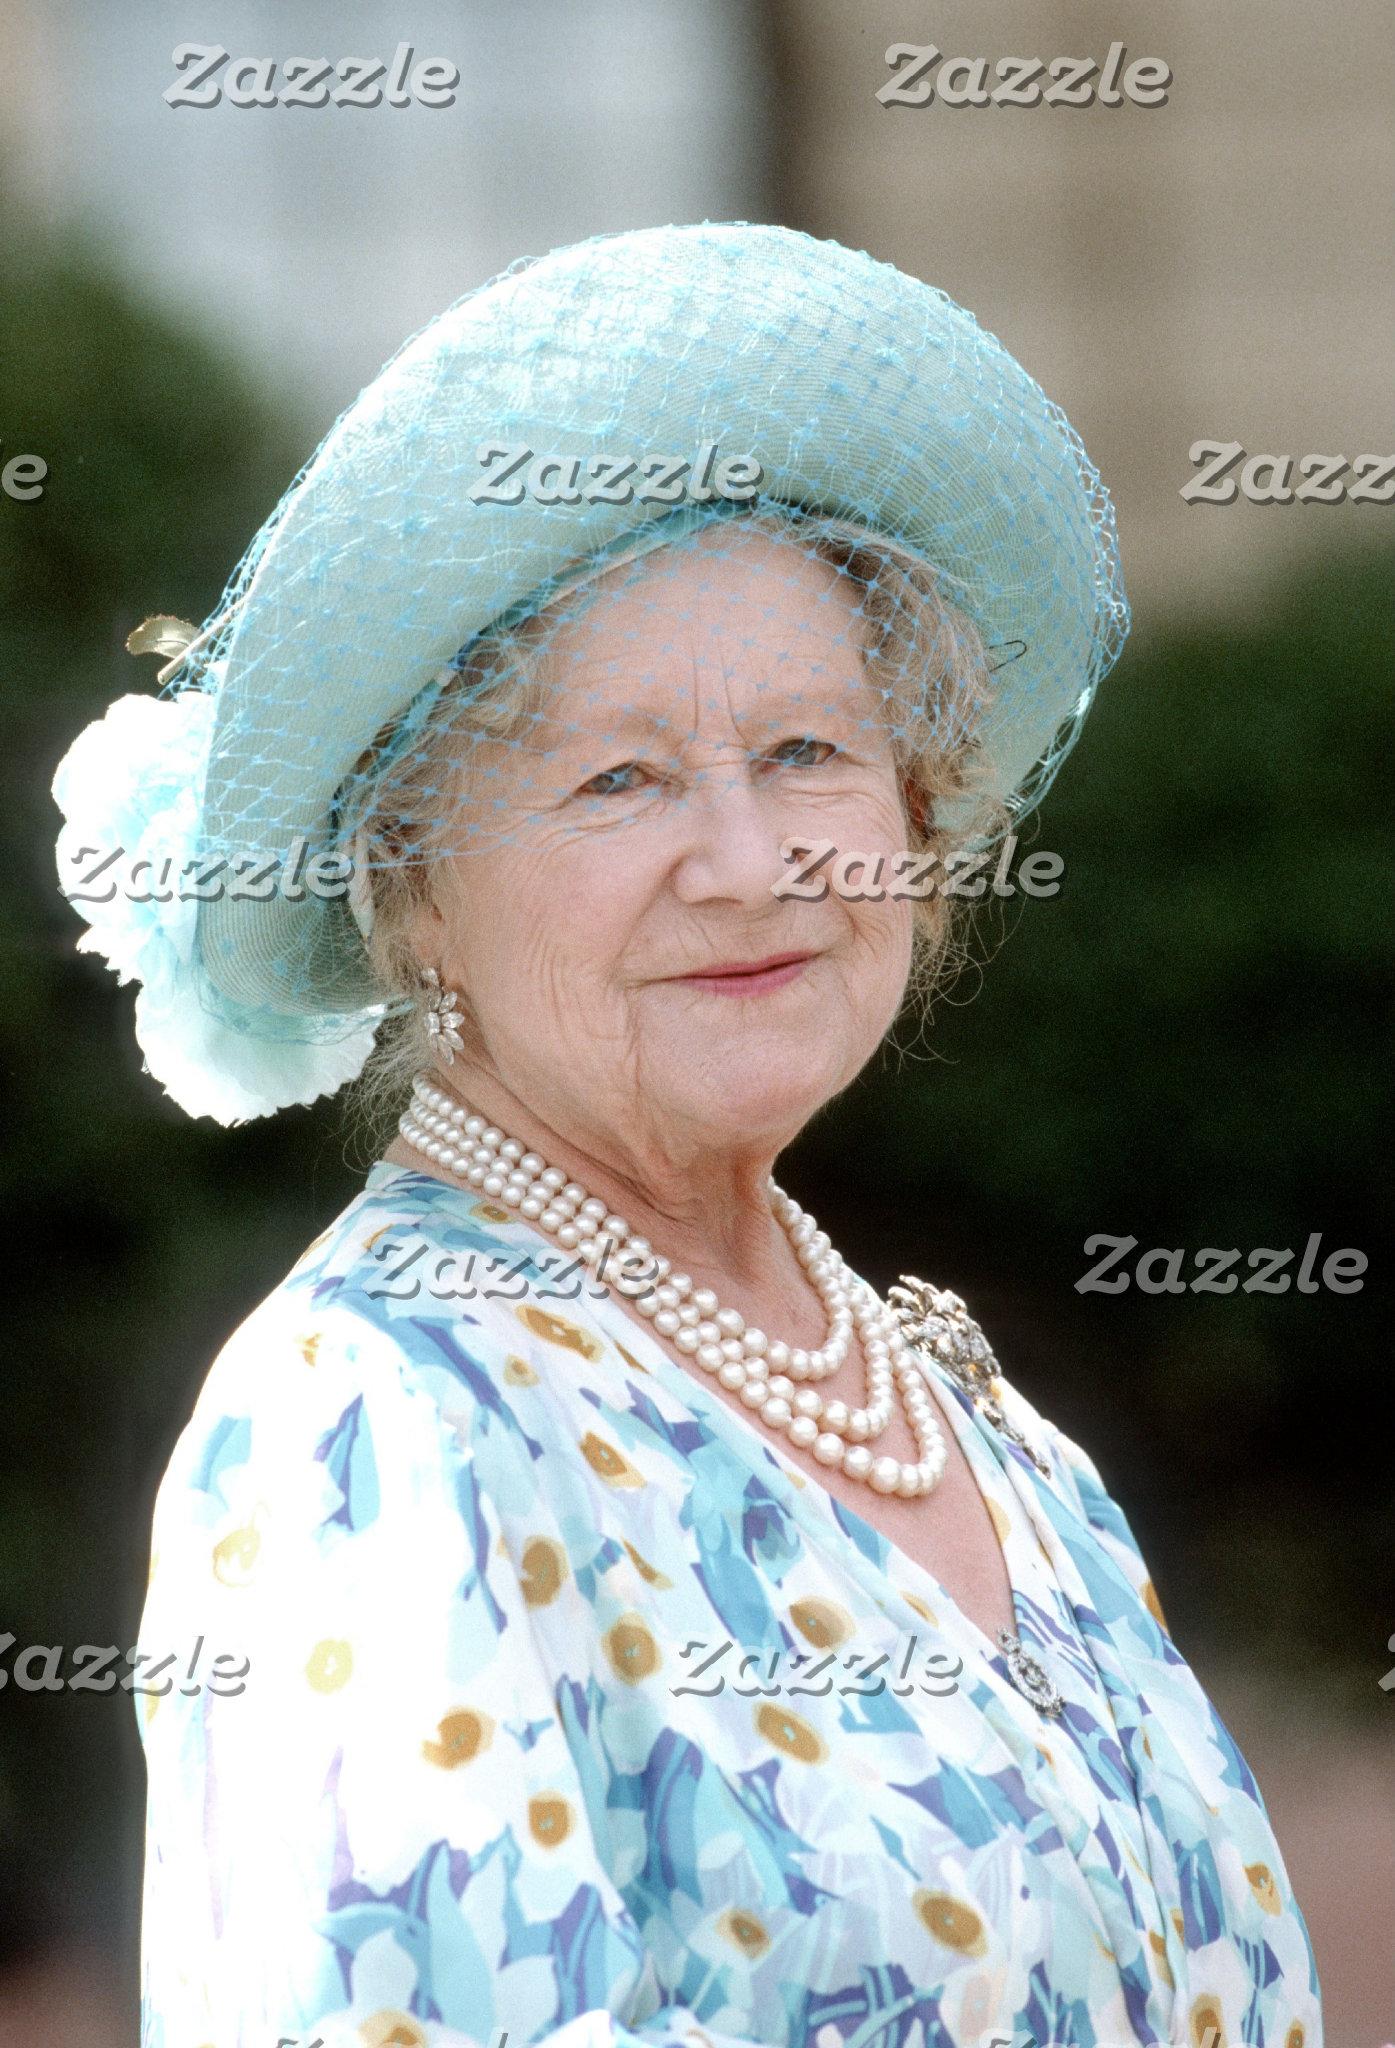 HM Queen Elizabeth, The Queen Mother